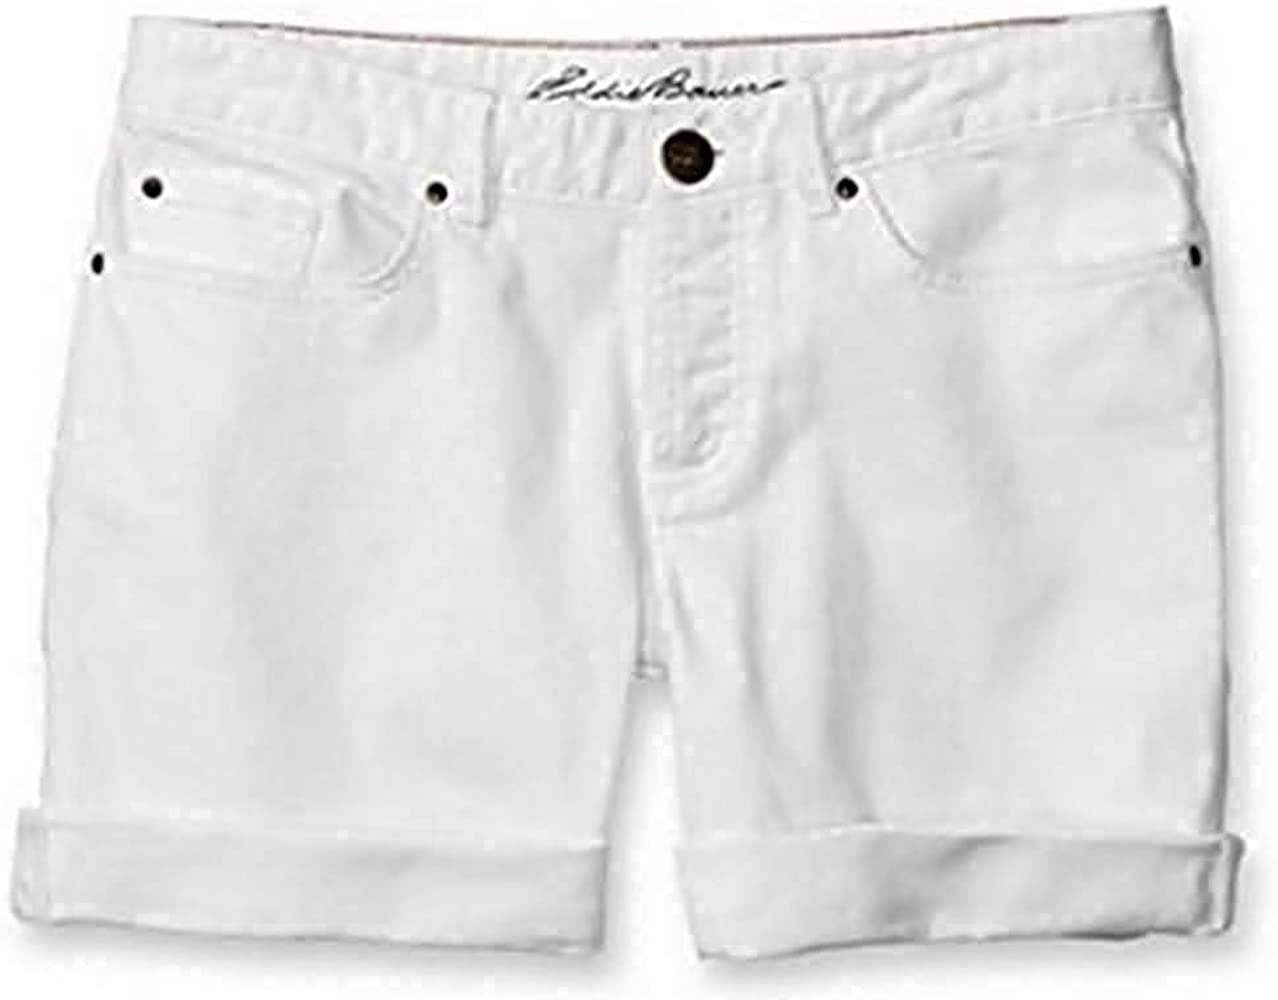 Shorts Shorts de mujer pantis de Eddie Bauer - algodón, blanco, 98 ...